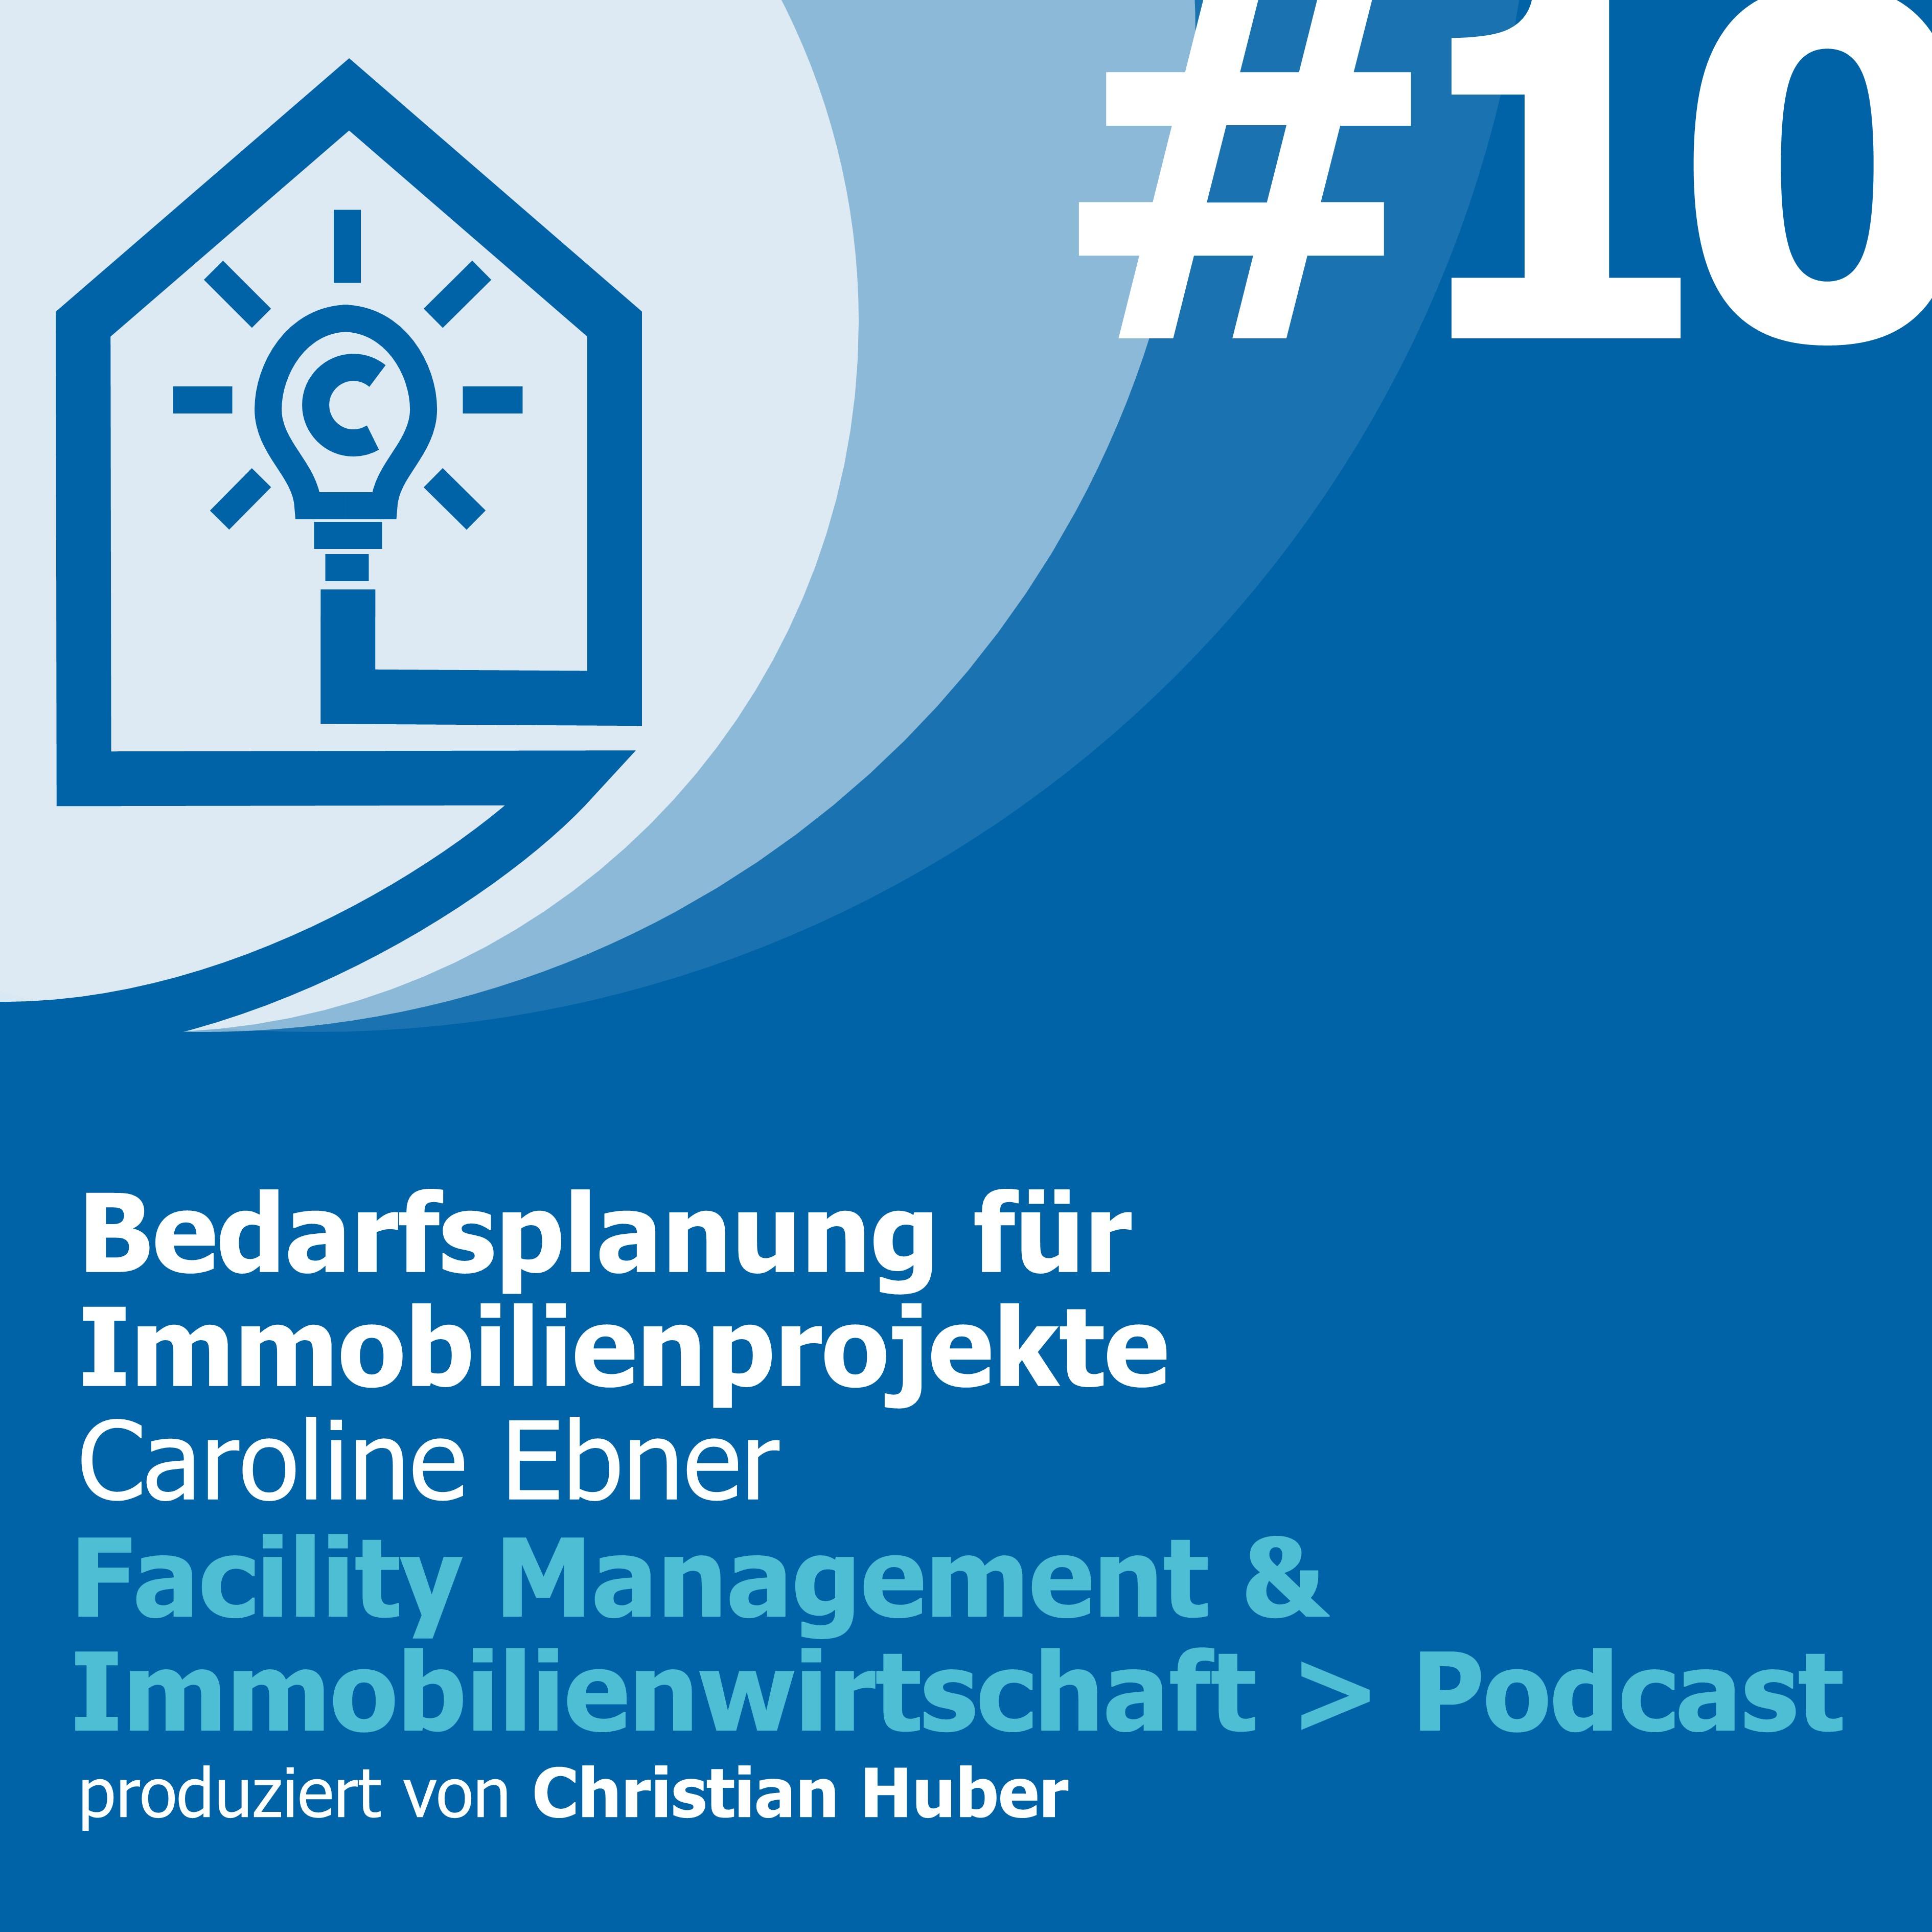 Episode 10 - Bedarfsplanung für Immobilienprojekte. Christian Huber im Gespräch mit Caroline Ebner